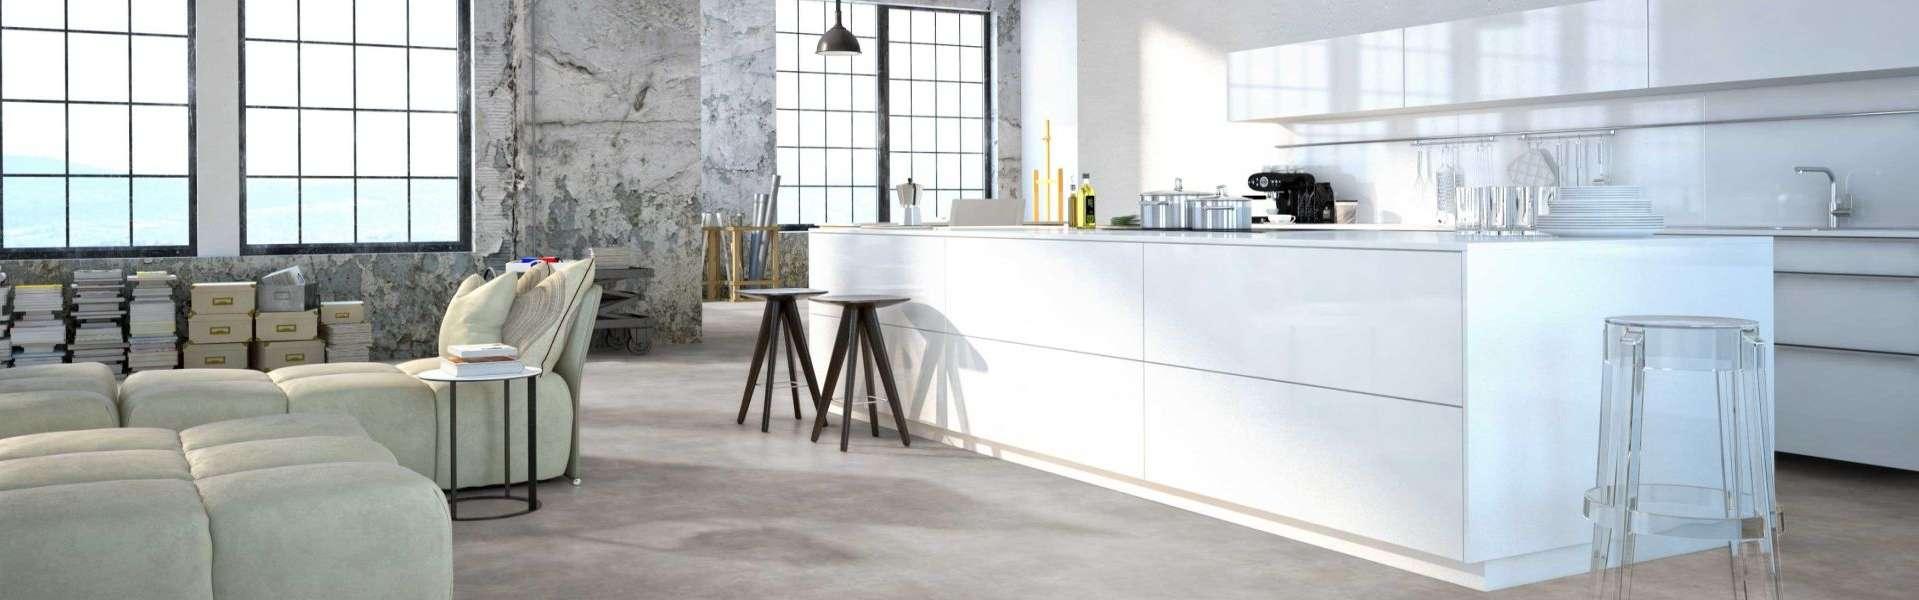 Bild: Designbelag moderne Küche weiß